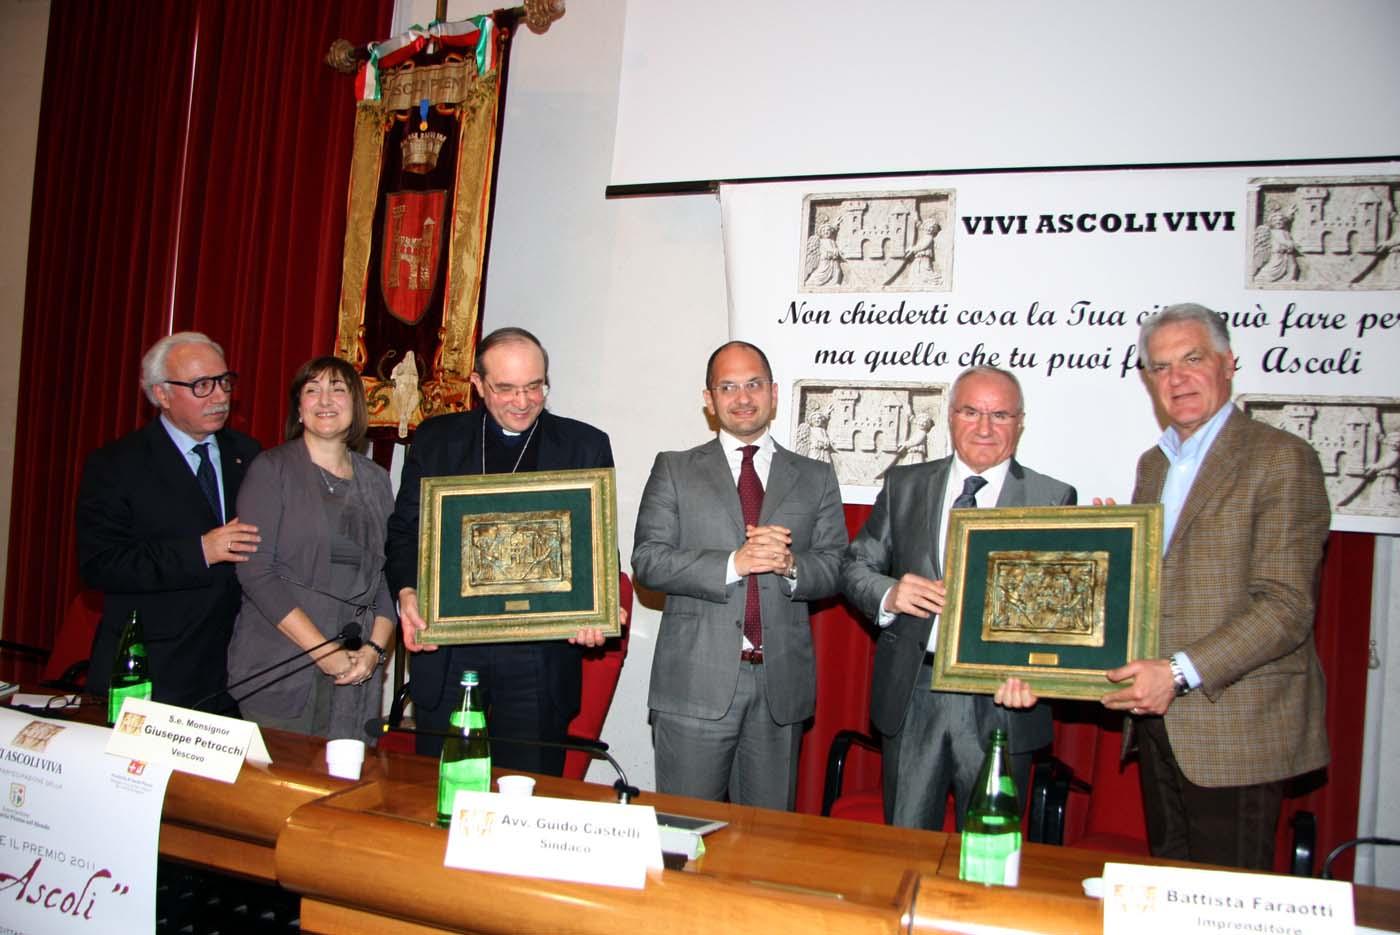 La premiazione di 'Vivi Ascoli 2011' a Palazzo dei Capitani